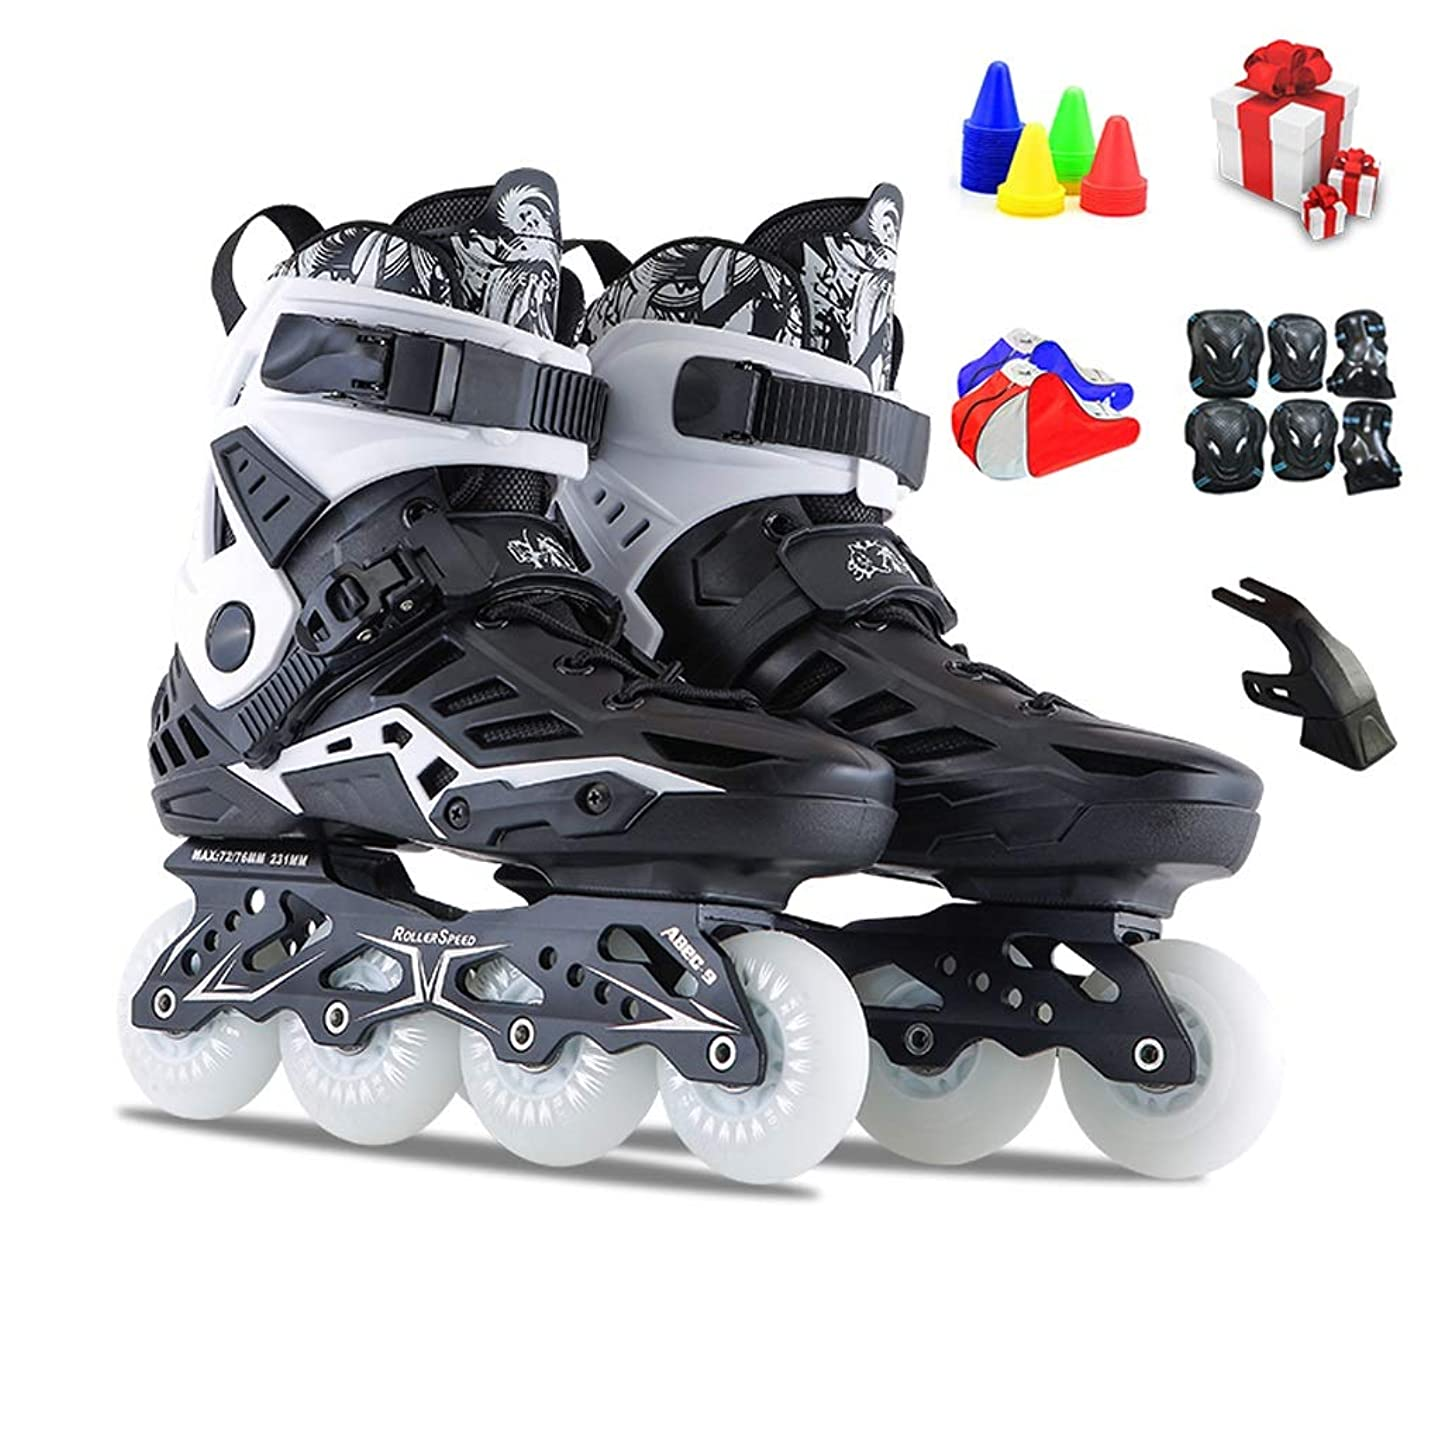 正確な火山学映画インラインスケート スケート用の成人プロのインラインスケート靴、高性能スピードスケート靴の単列スケート靴、34から44ヤードのオプション (Color : Black, Size : EU 39/US 7/UK 6/JP 24.5cm)